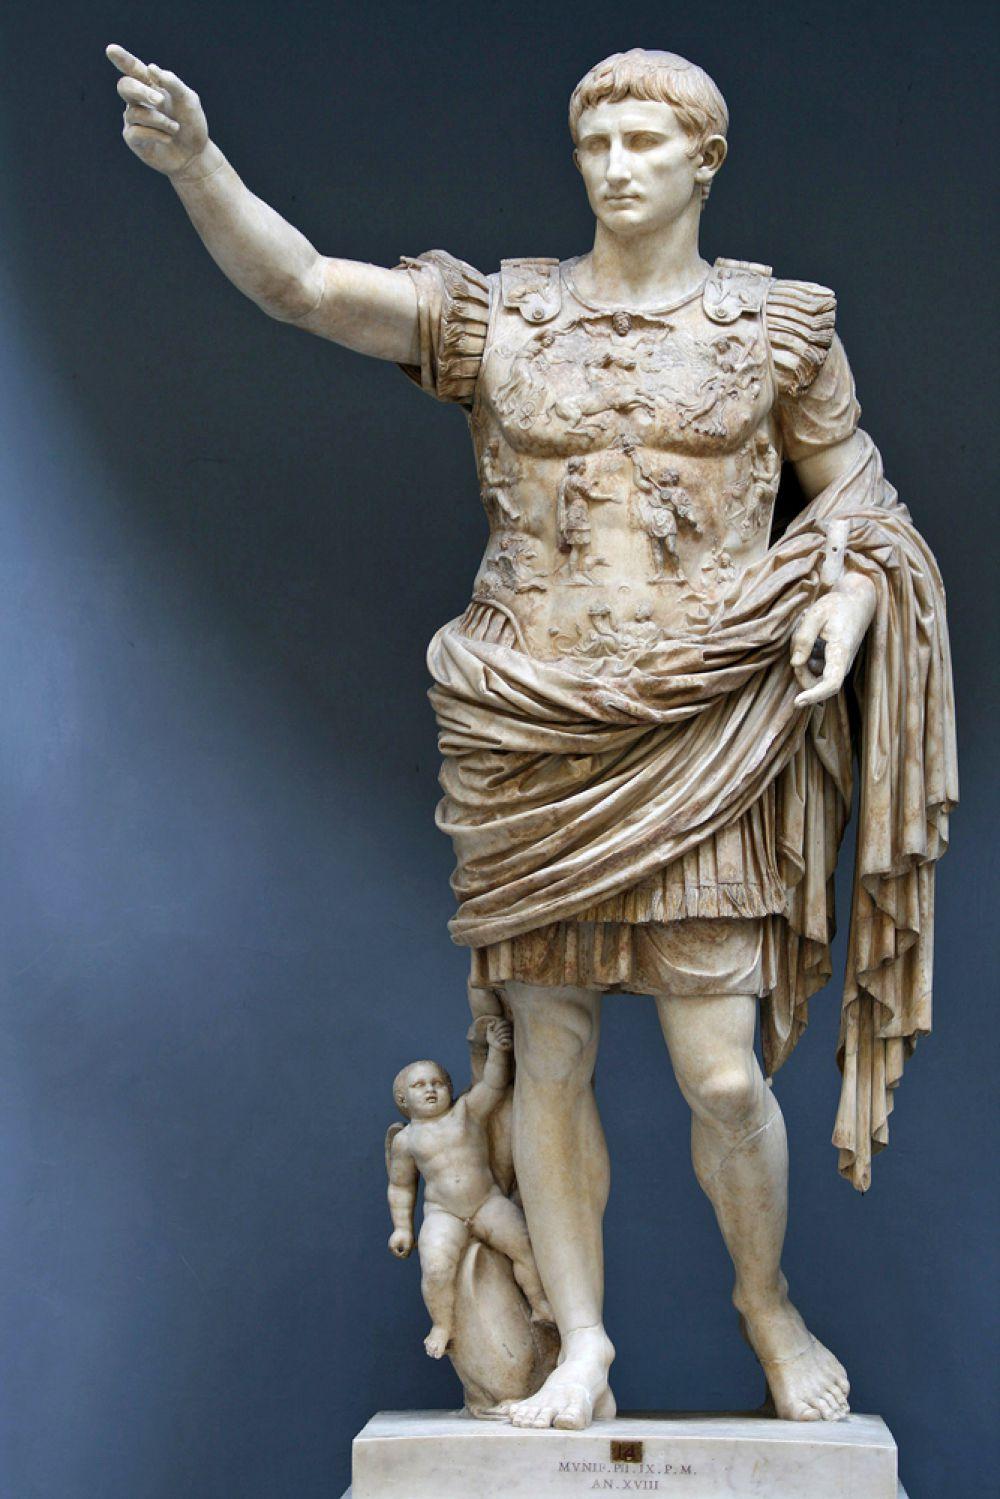 В шаге от титула богатейшего человека в истории остановился император Август Октавиан, правивший Римской империей и умерший в 14 году до н. э. По мнению экономистов, его состояние эквивалентно примерно 4,6 триллионам долларов США.